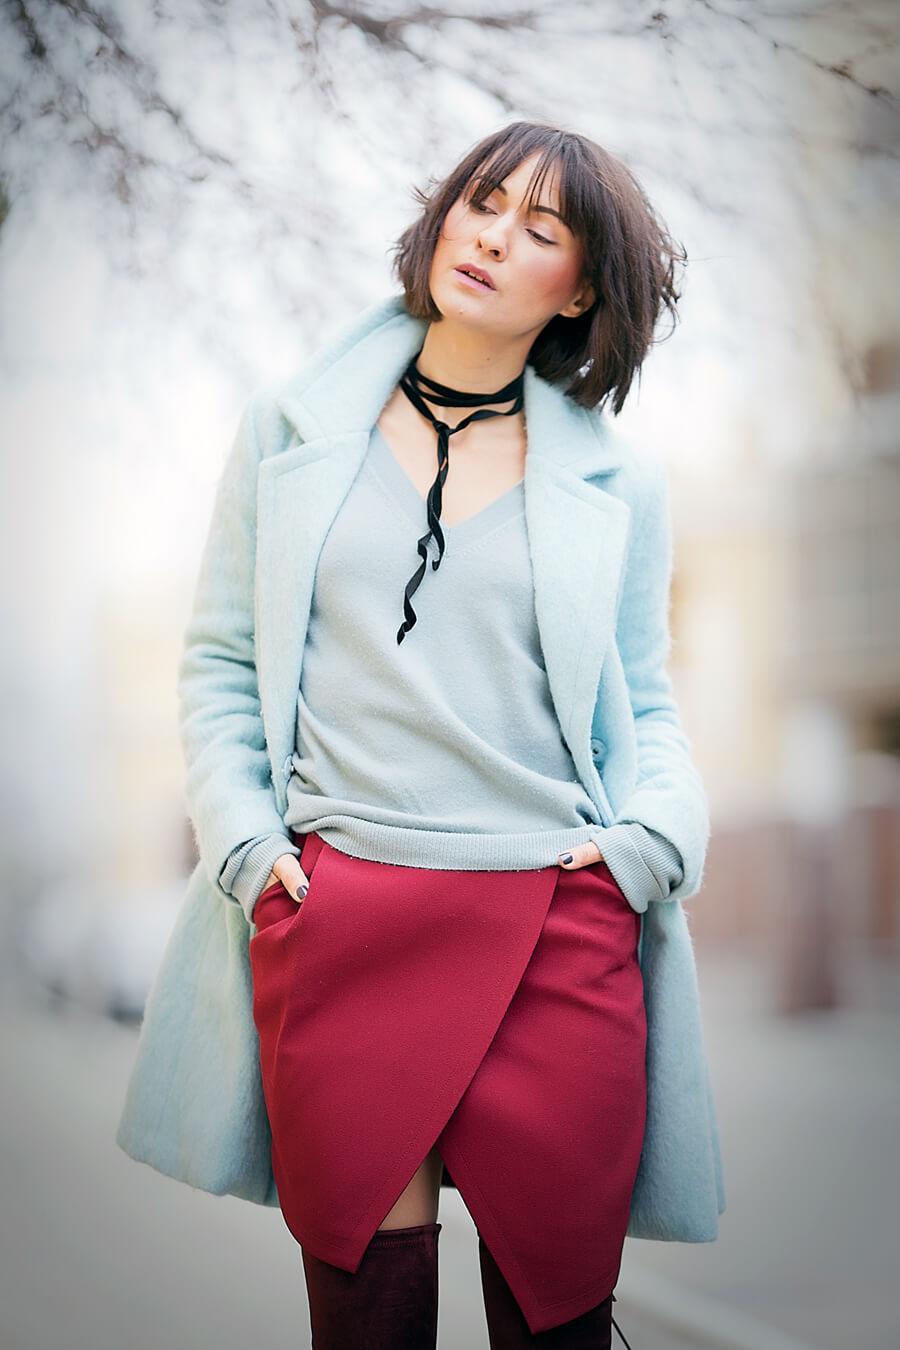 light+blue+coat-marsala+skirt-spring+outfits